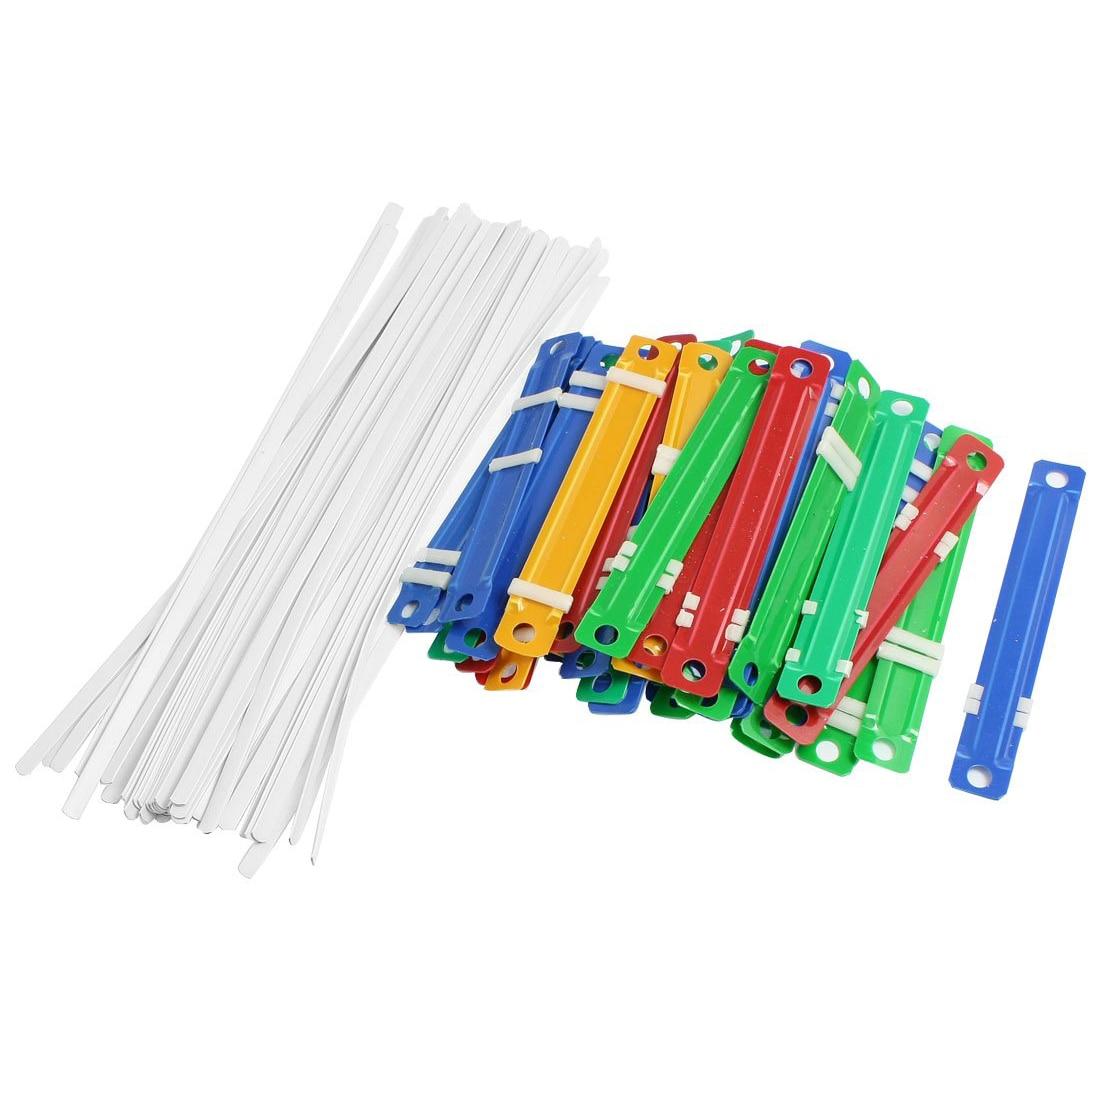 5x50 pces escola de escritório de plástico colorido emperramento de duas peças documento prendedores de papel